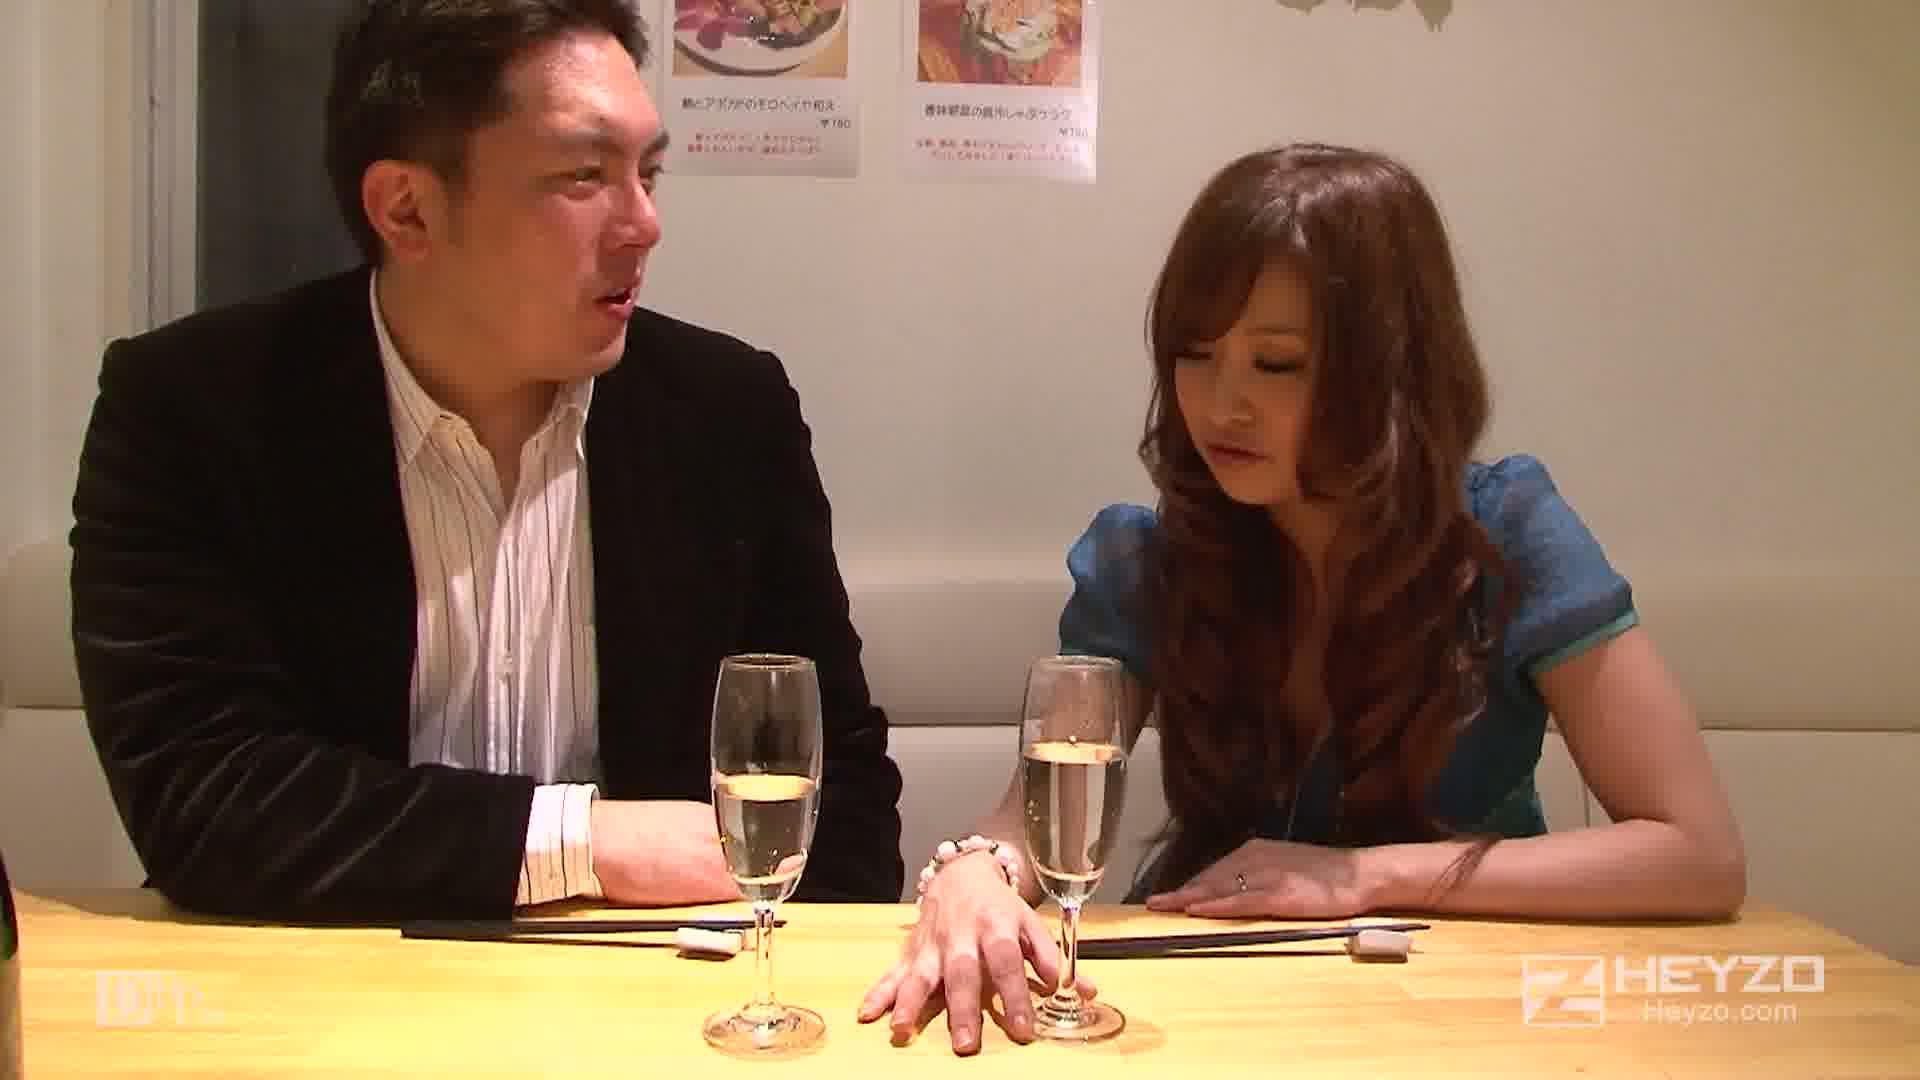 爆乳若妻とのパコパコ結婚記念日~あの頃きみはギャルだった~ - 青山ゆい【回想 ベロチュー 指マン】